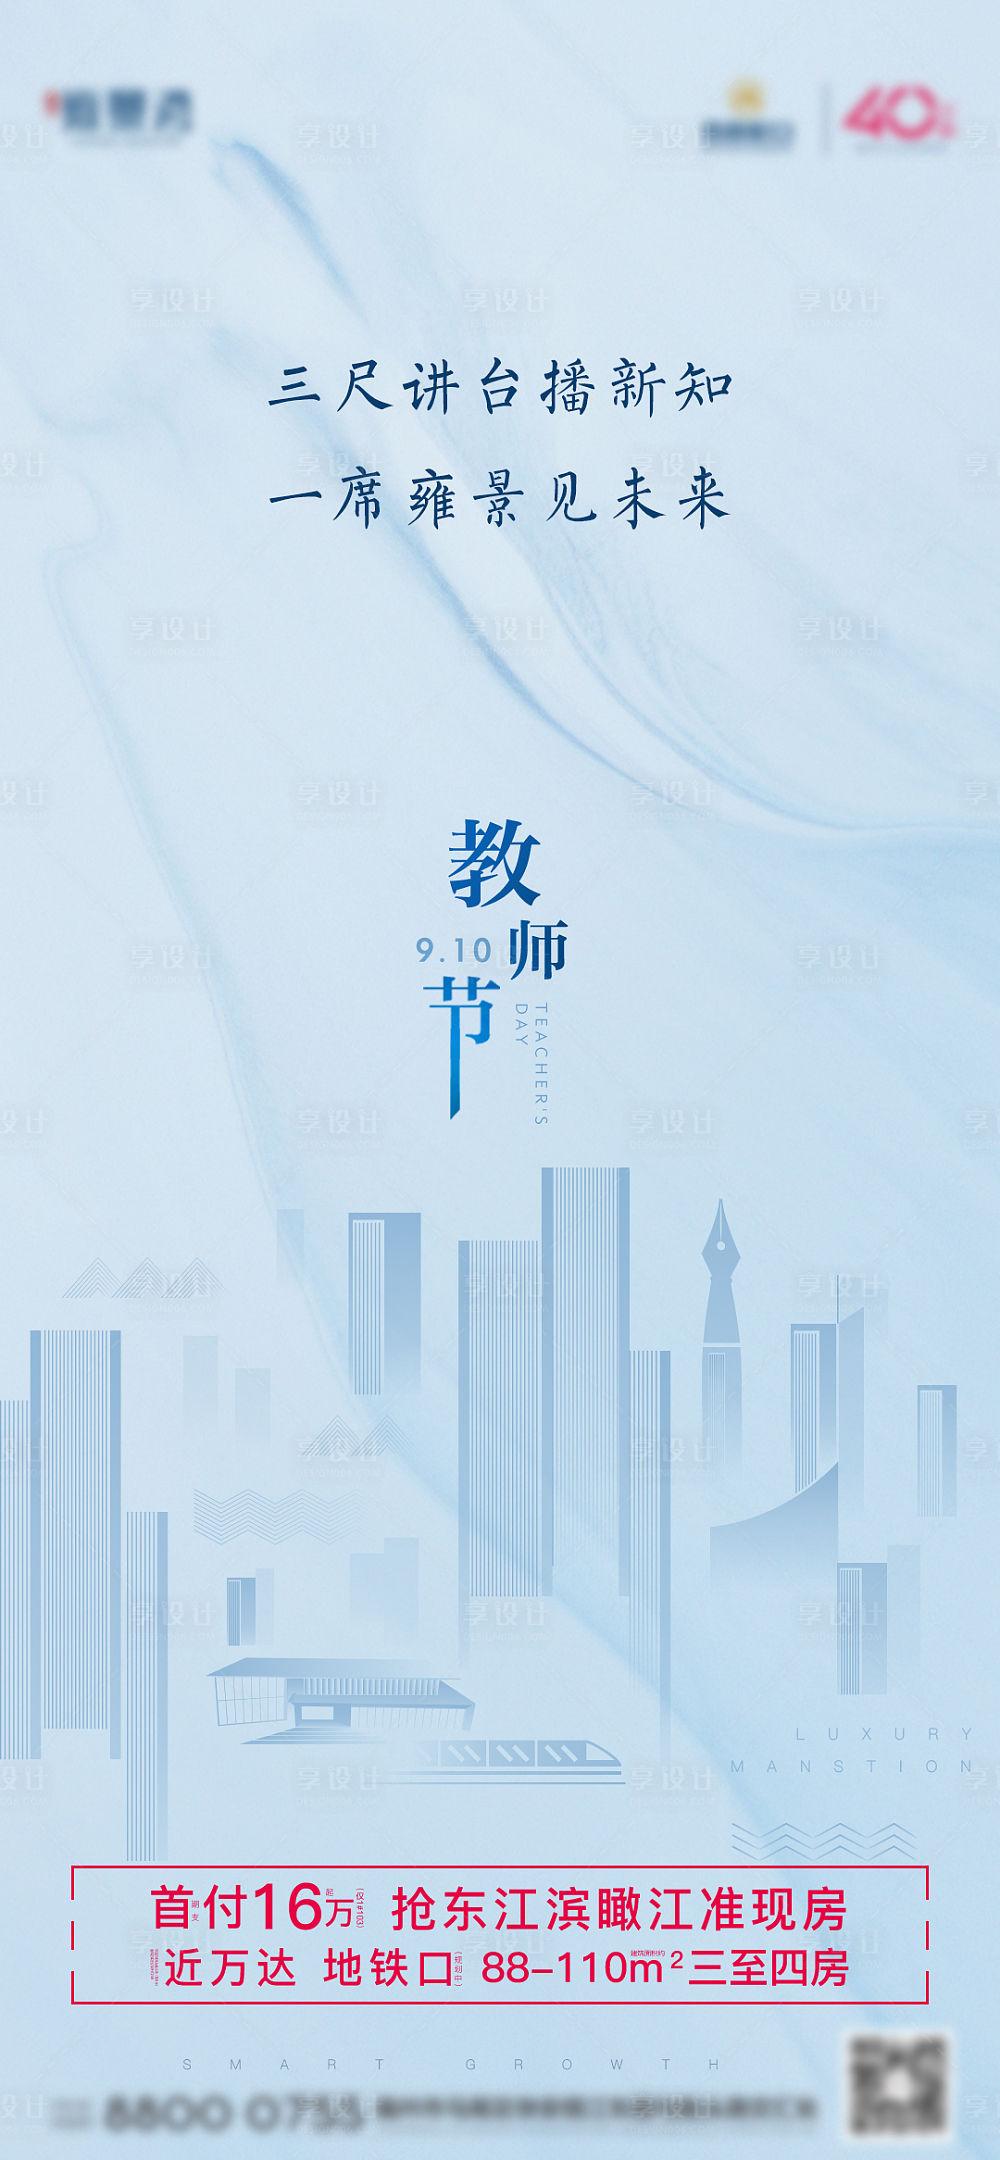 【源文件下载】 海报 房地产 公历节日 教师节 城市设计作品 设计图集